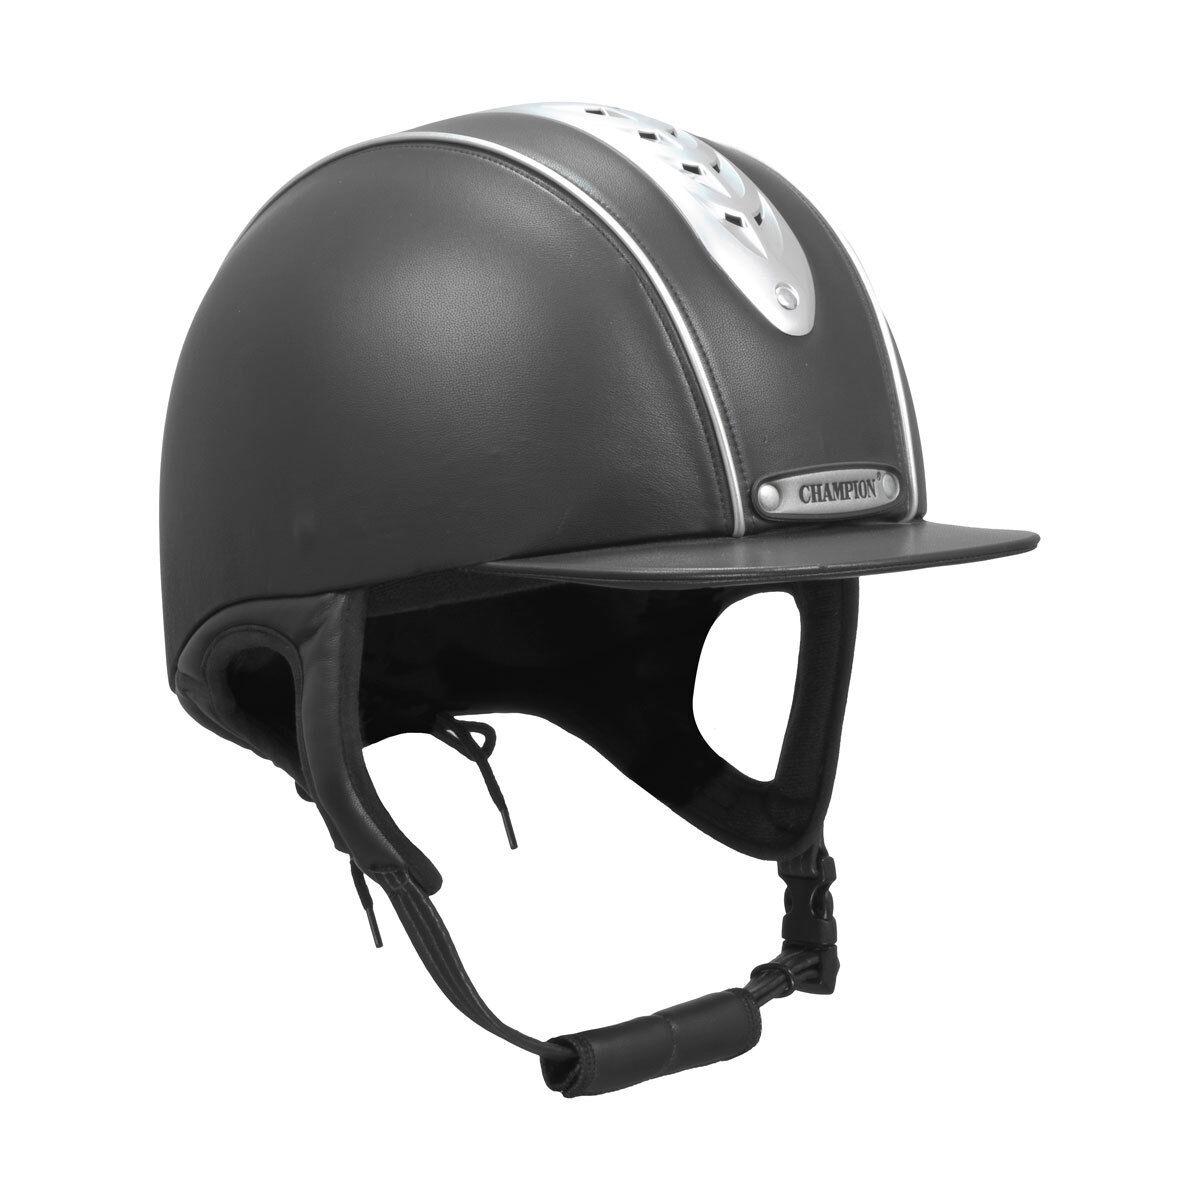 Champion Evolution Pearl ventilé à visière Chapeau d'équitation schwarz Blau Marine 6 1 4 -7 3 4